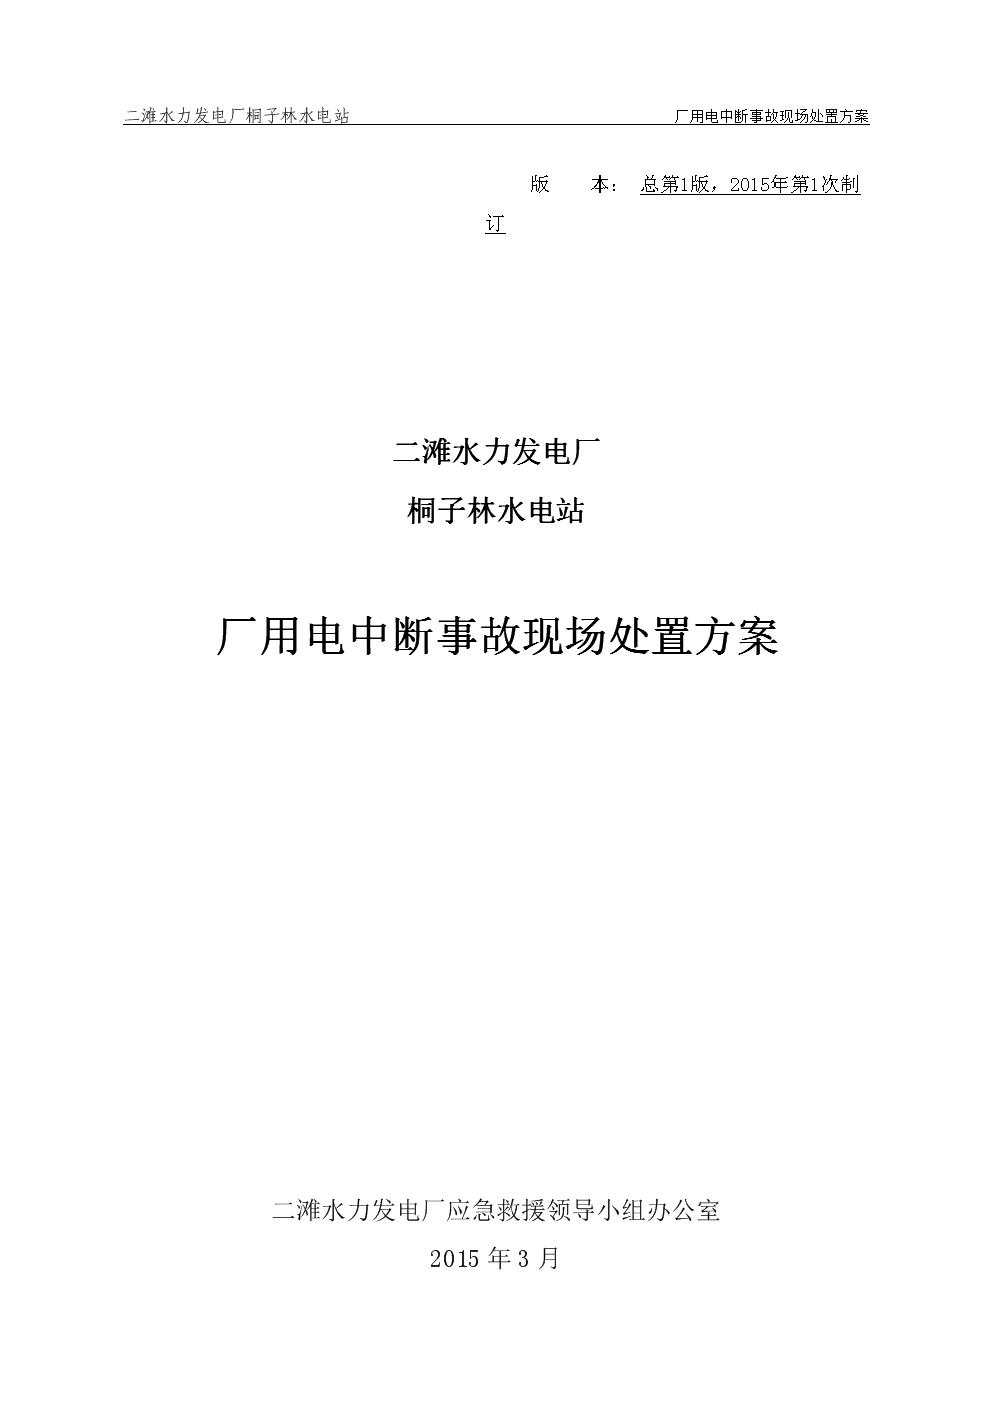 06-桐子林水电站厂用电中断事故现场处置方案.docx